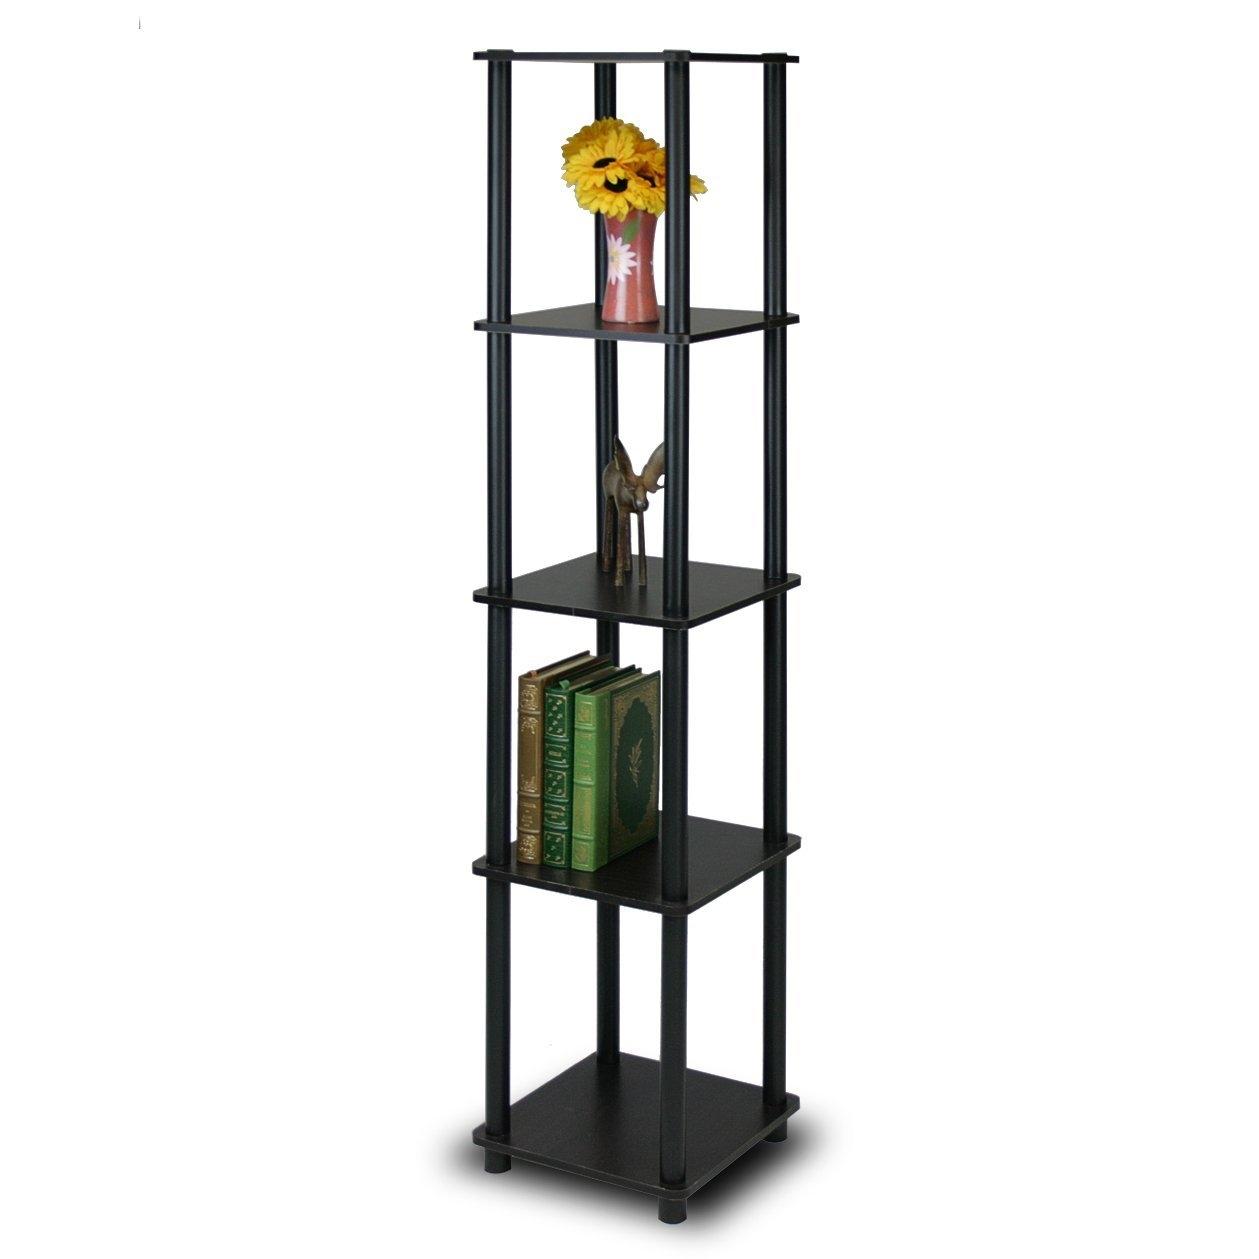 5-Tier Square Corner Display Shelf Bookcase in Espresso/Black